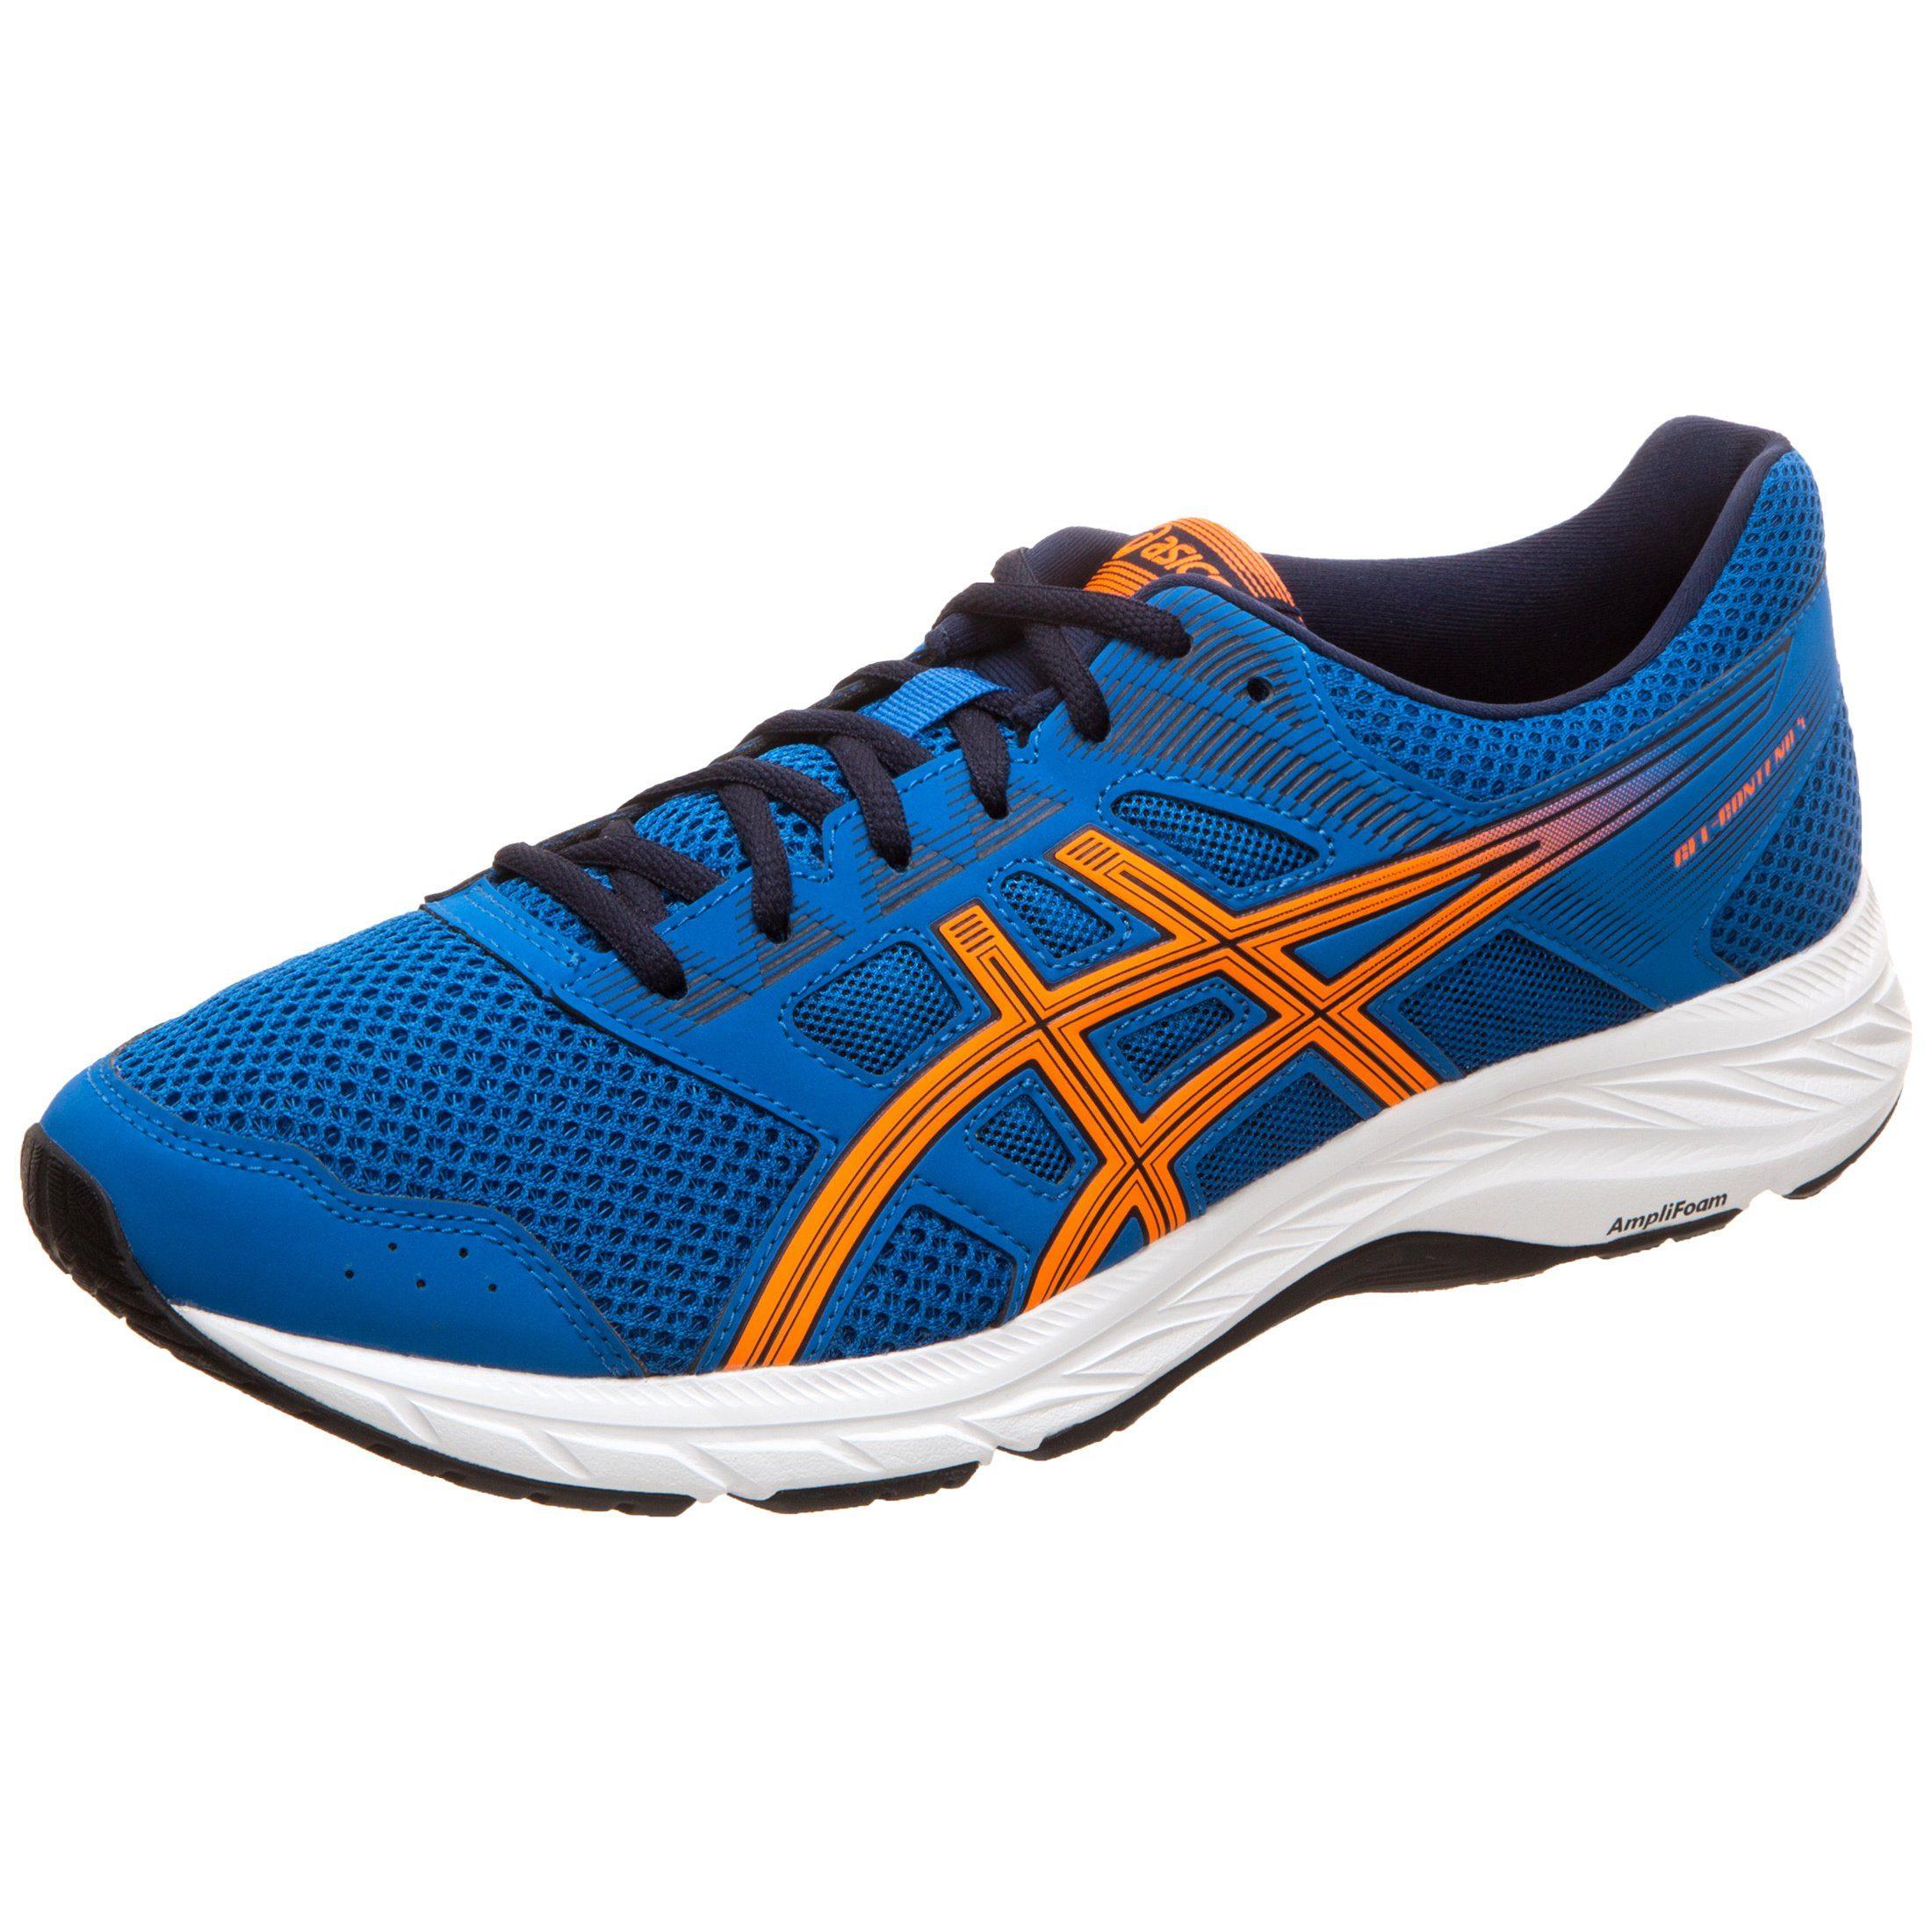 Asics Laufschuh Gel-contend 5 | Schuhe > Sportschuhe | ASICS